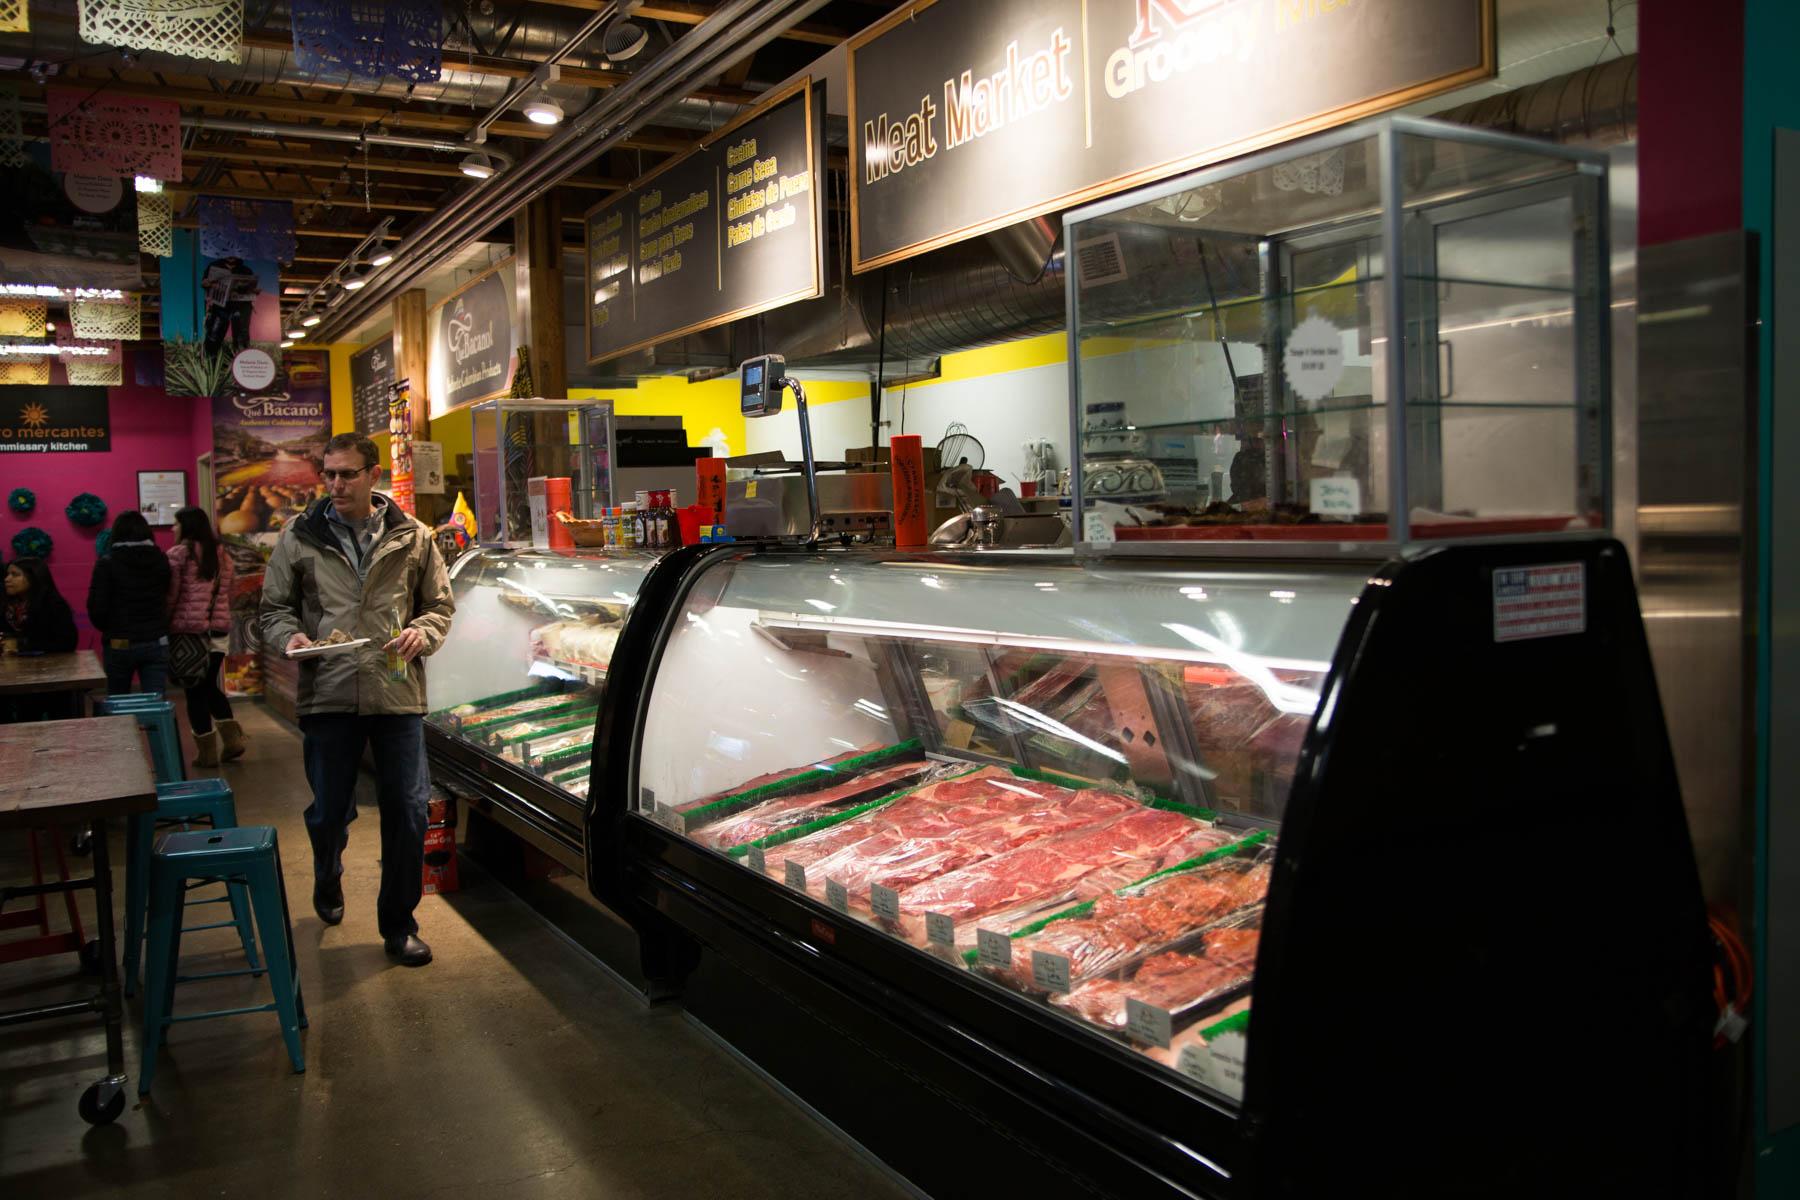 portlandmercado7.jpg